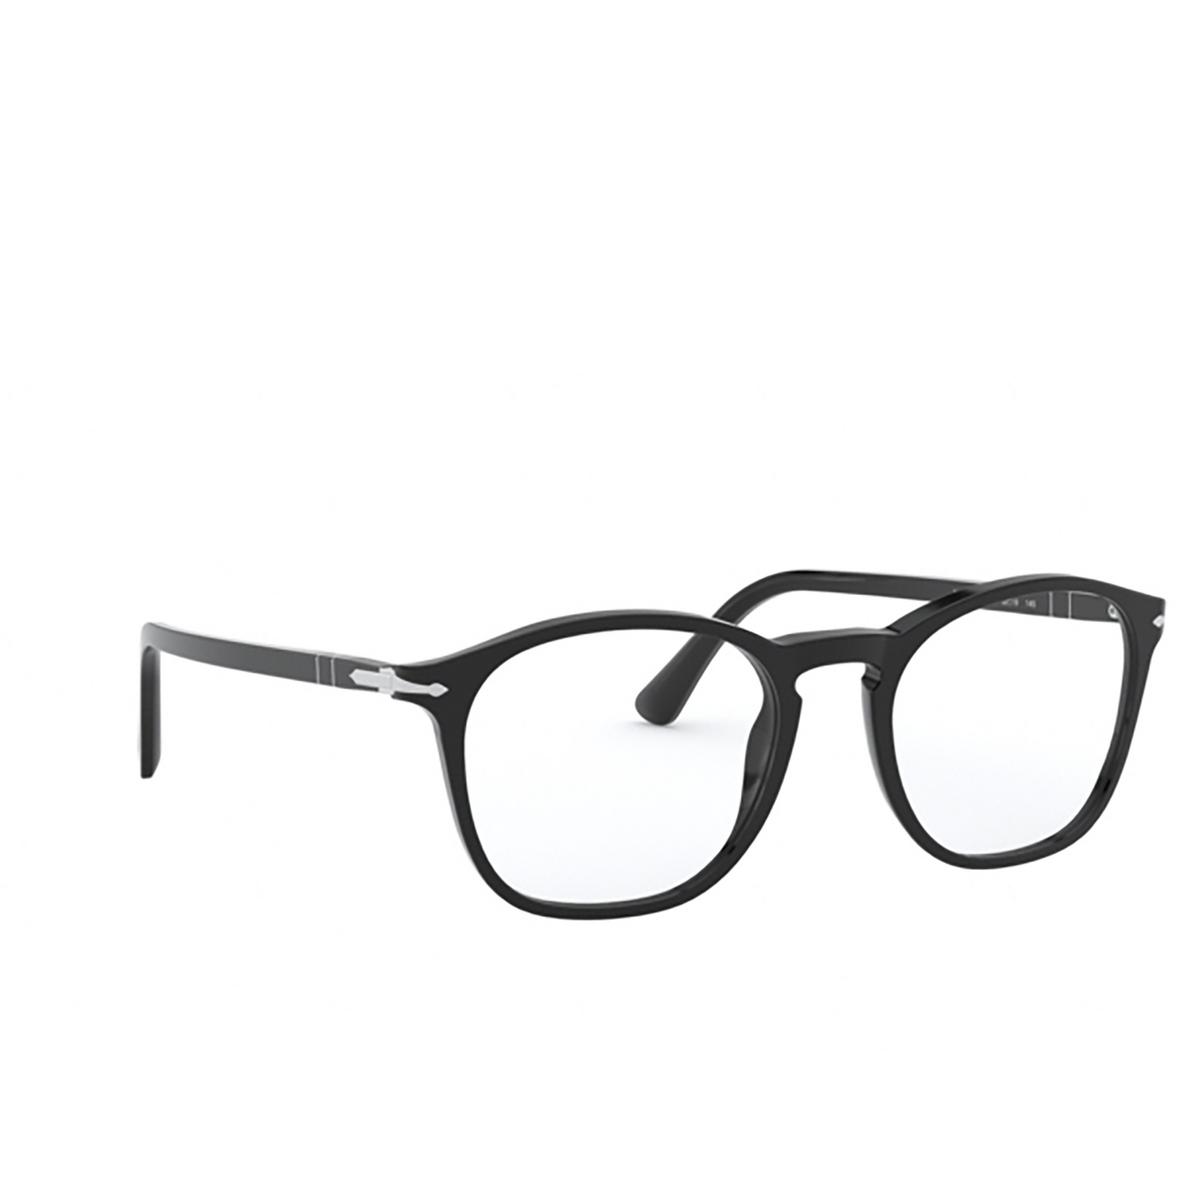 Persol® Square Eyeglasses: PO3007VM color Black 95 - three-quarters view.